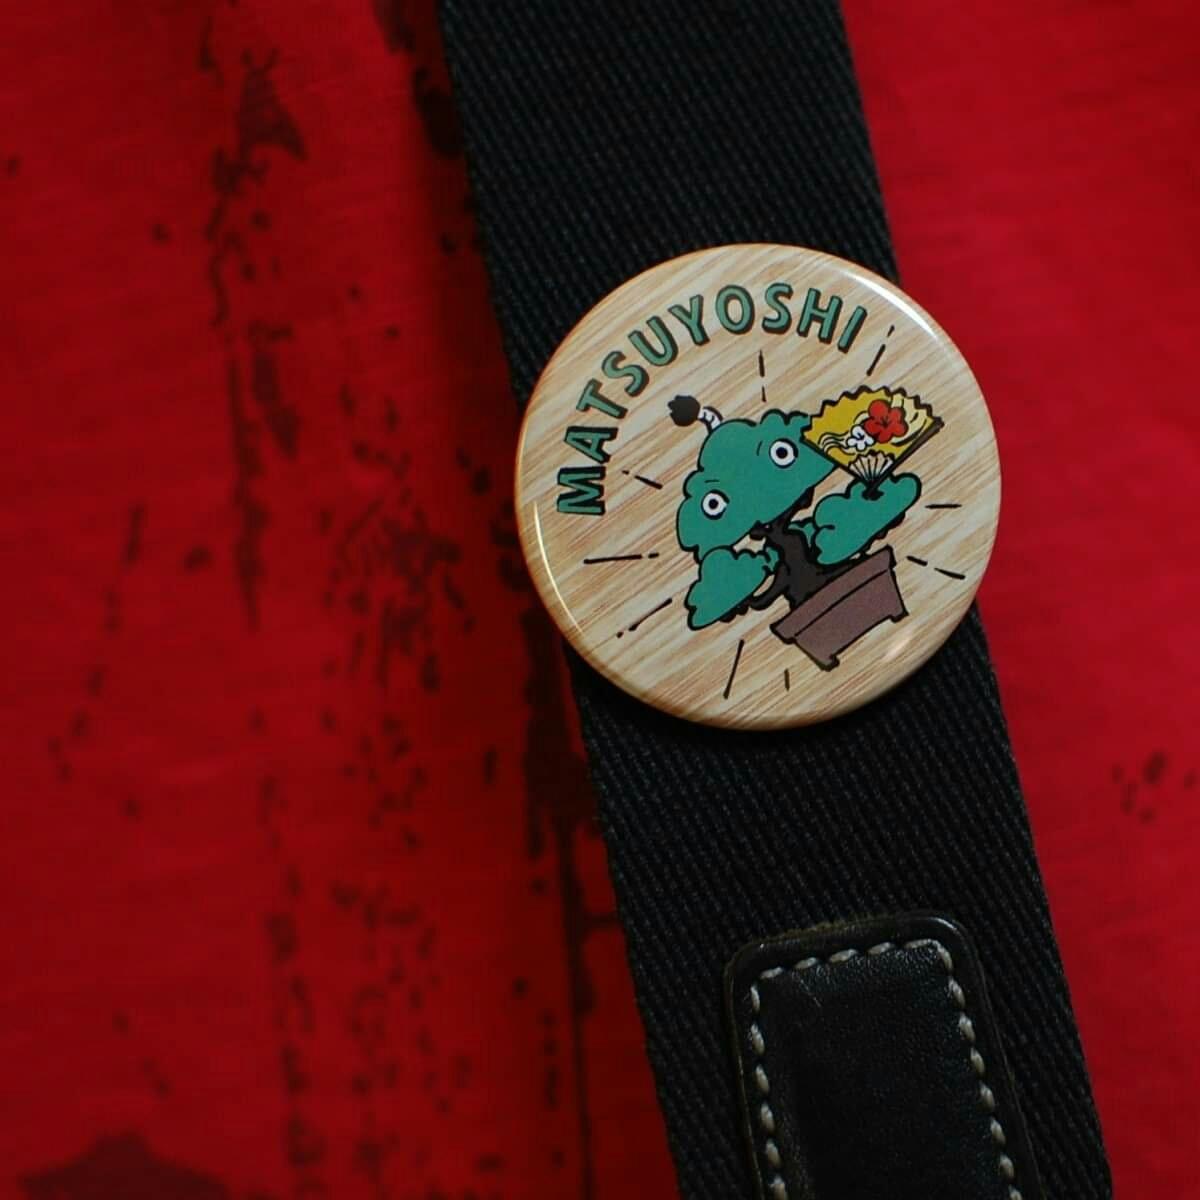 ミニ盆栽 黒松 小品盆栽「まっちゃん」缶バッジ 44mm 松慶盆栽園オリジナルキャラクターです。_画像3